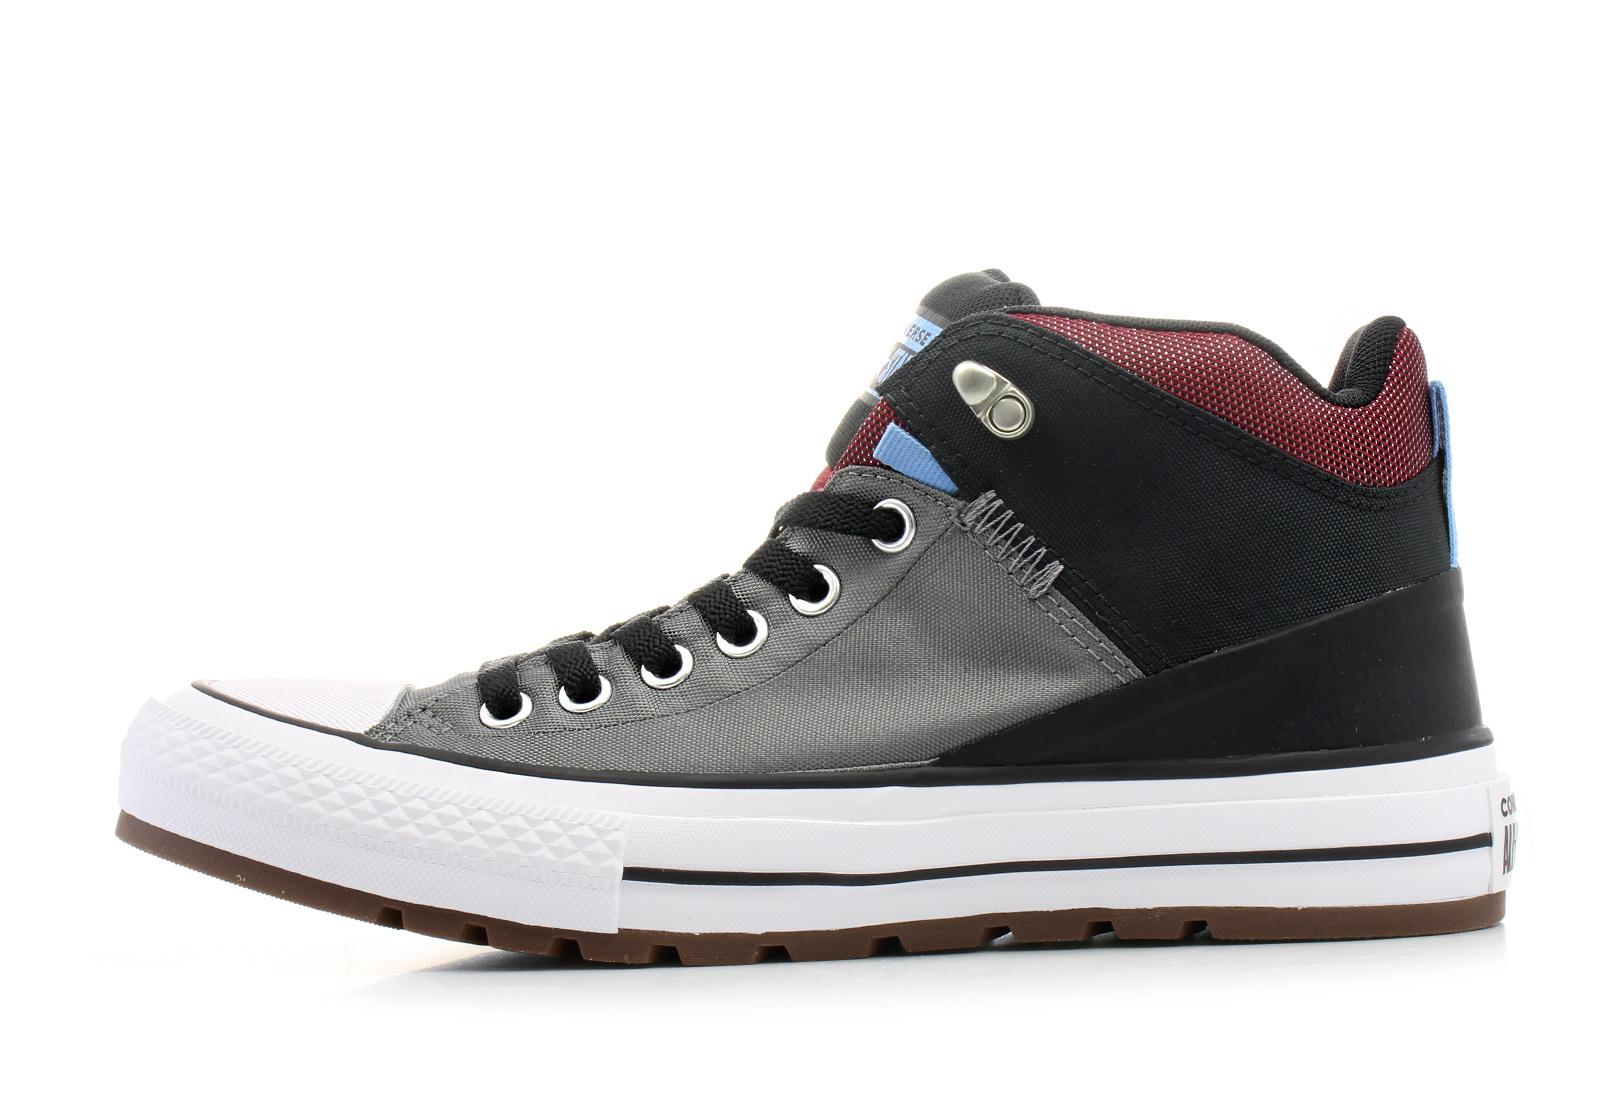 e9ea6a382d7b9f Converse Sneakers - Chuck Taylor All Star Street Boot Hi - 161470C ...